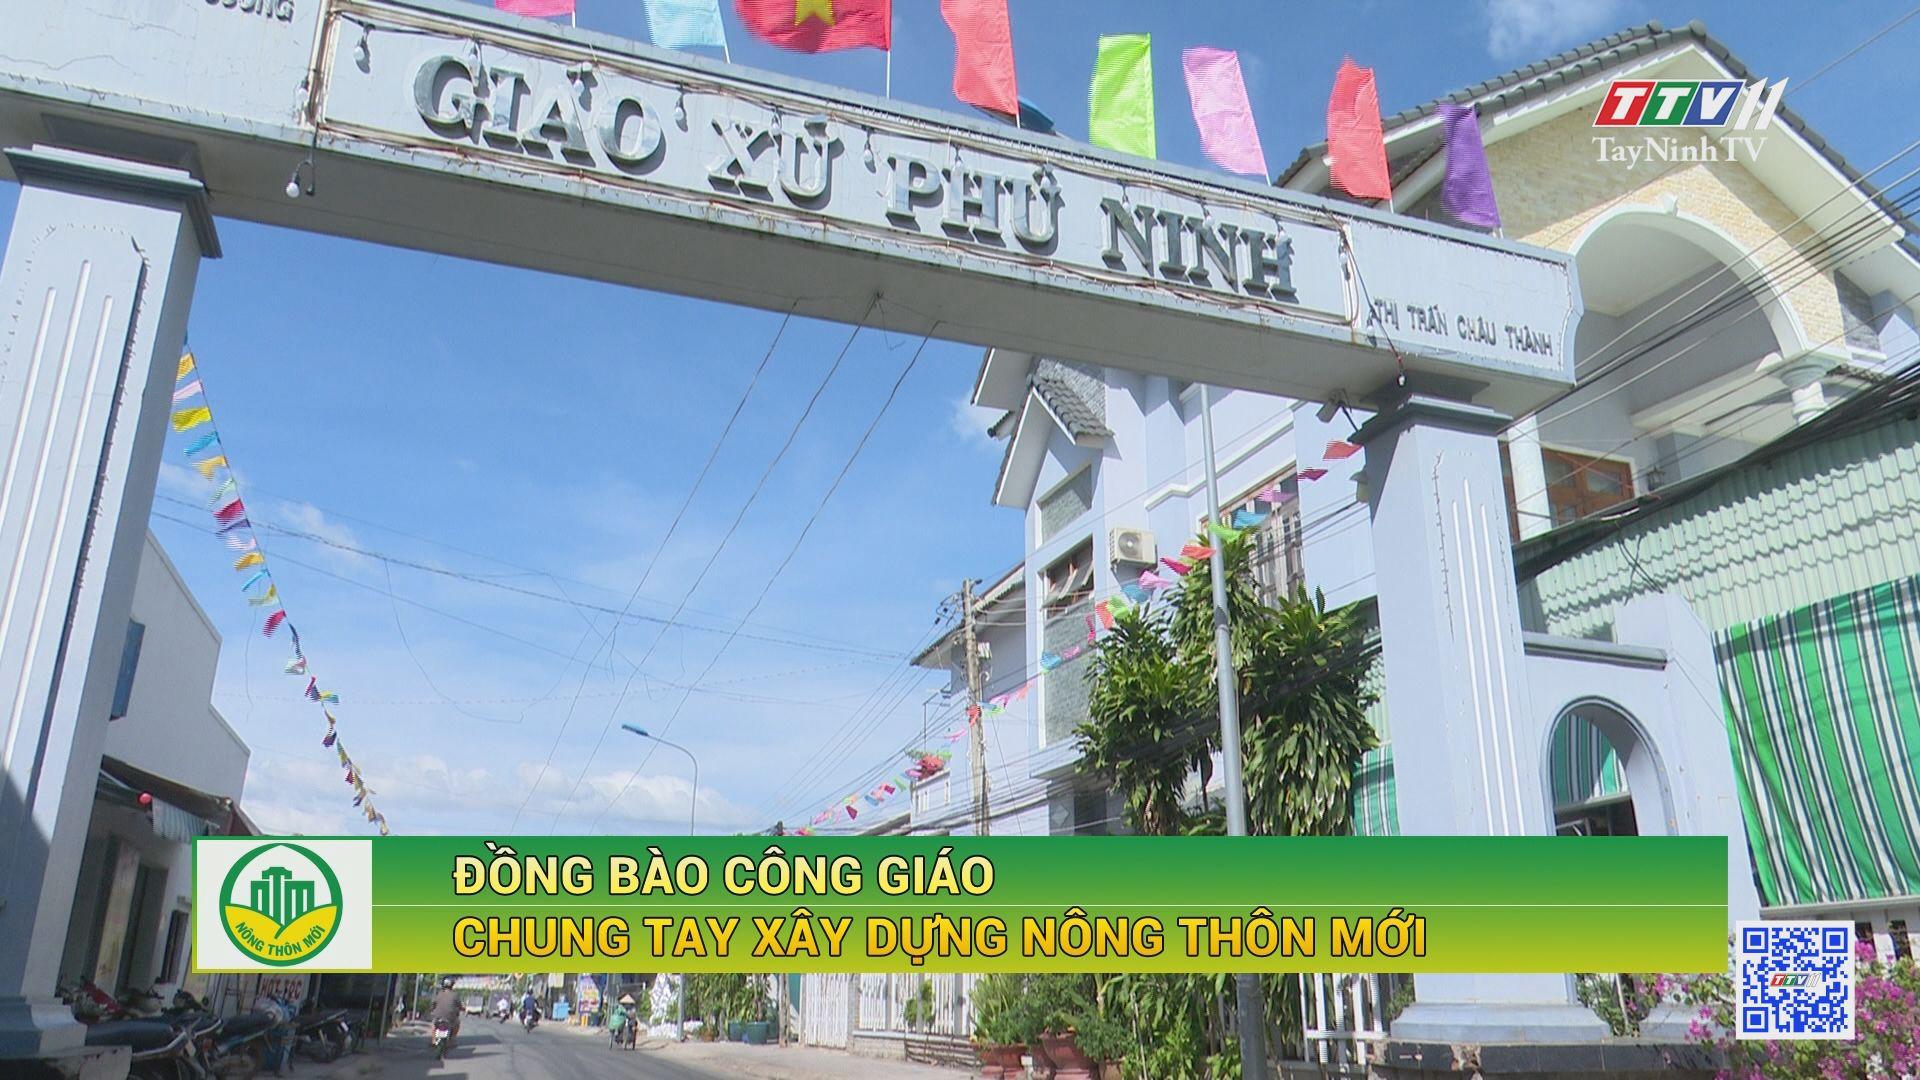 Đồng bào Công giáo chung tay xây dựng nông thôn mới | TÂY NINH XÂY DỰNG NÔNG THÔN MỚI | TayNinhTV